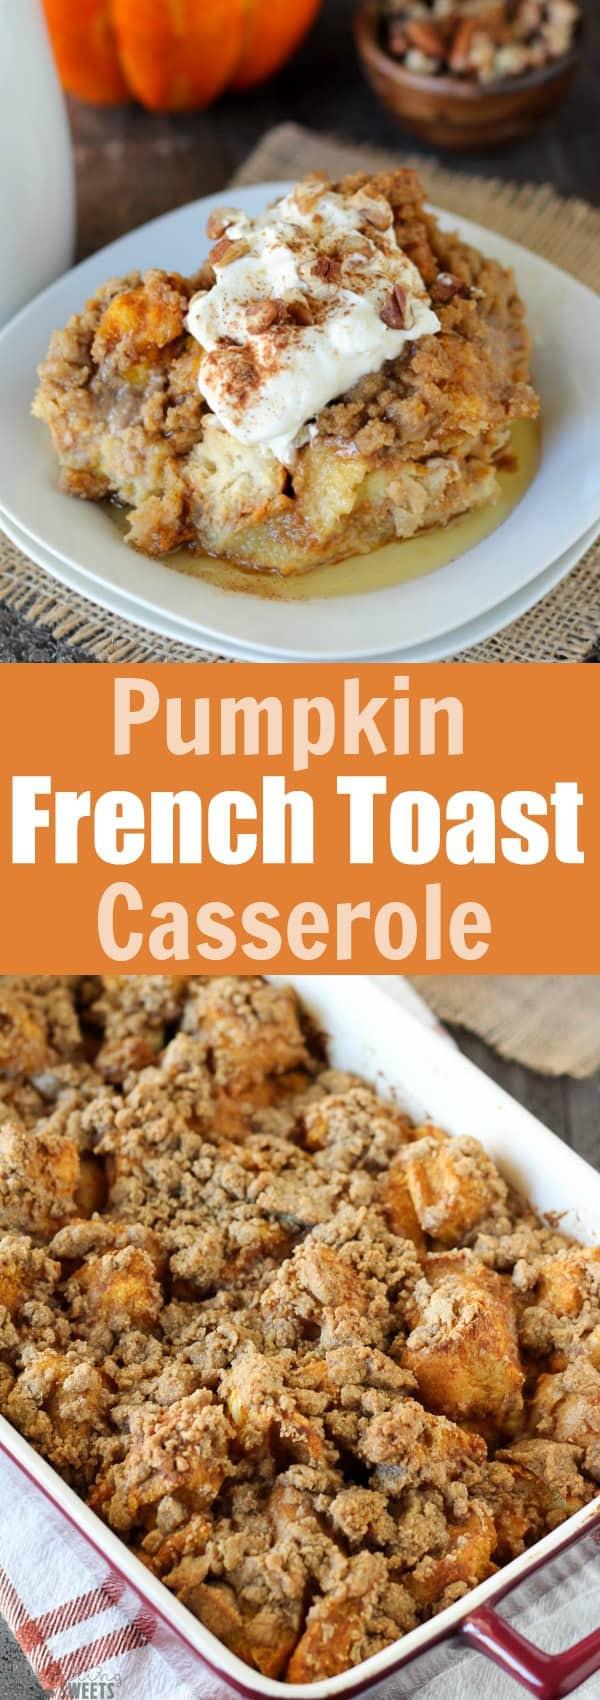 Pumpkin French Toast Casserole  Baked Pumpkin French Toast Casserole